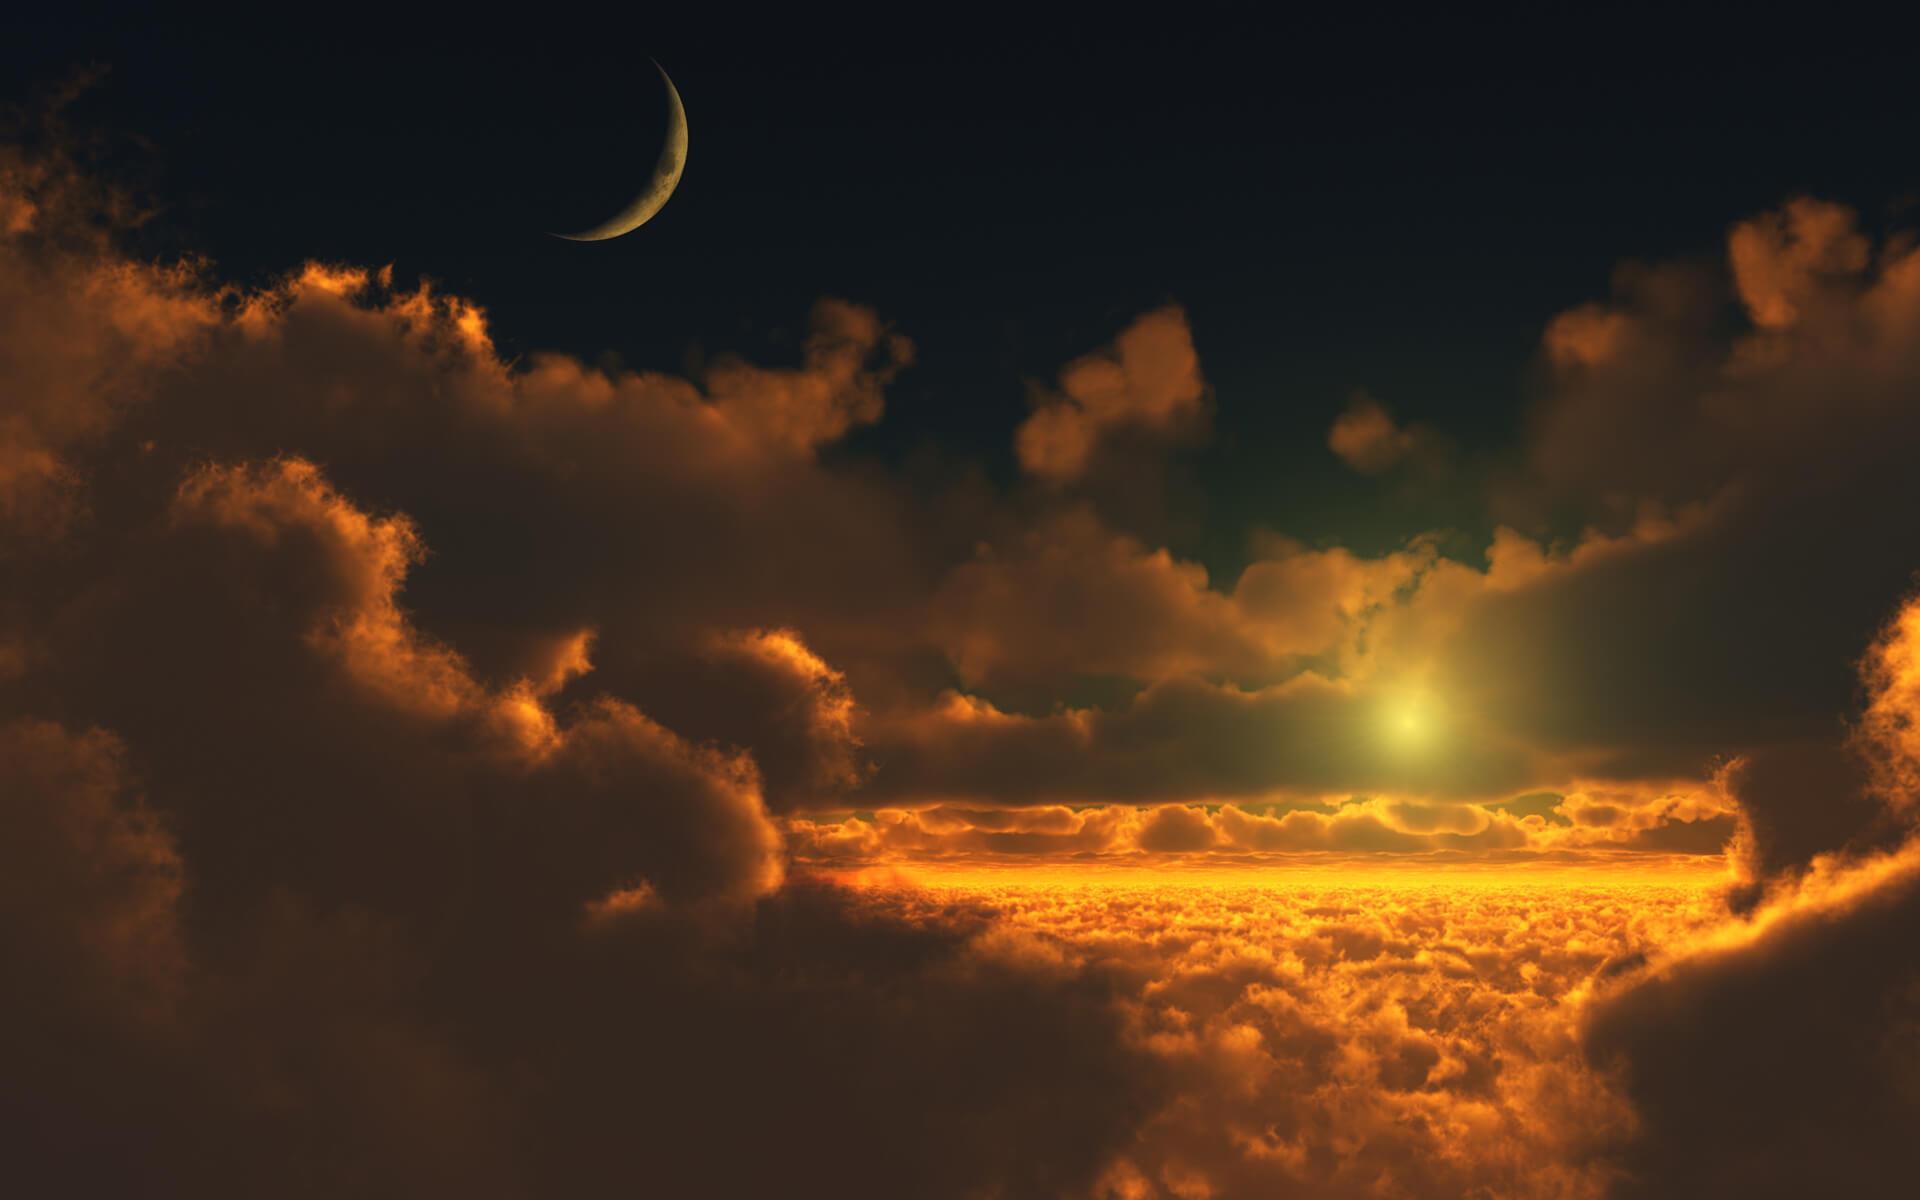 paisagem relaxante com sol e lua